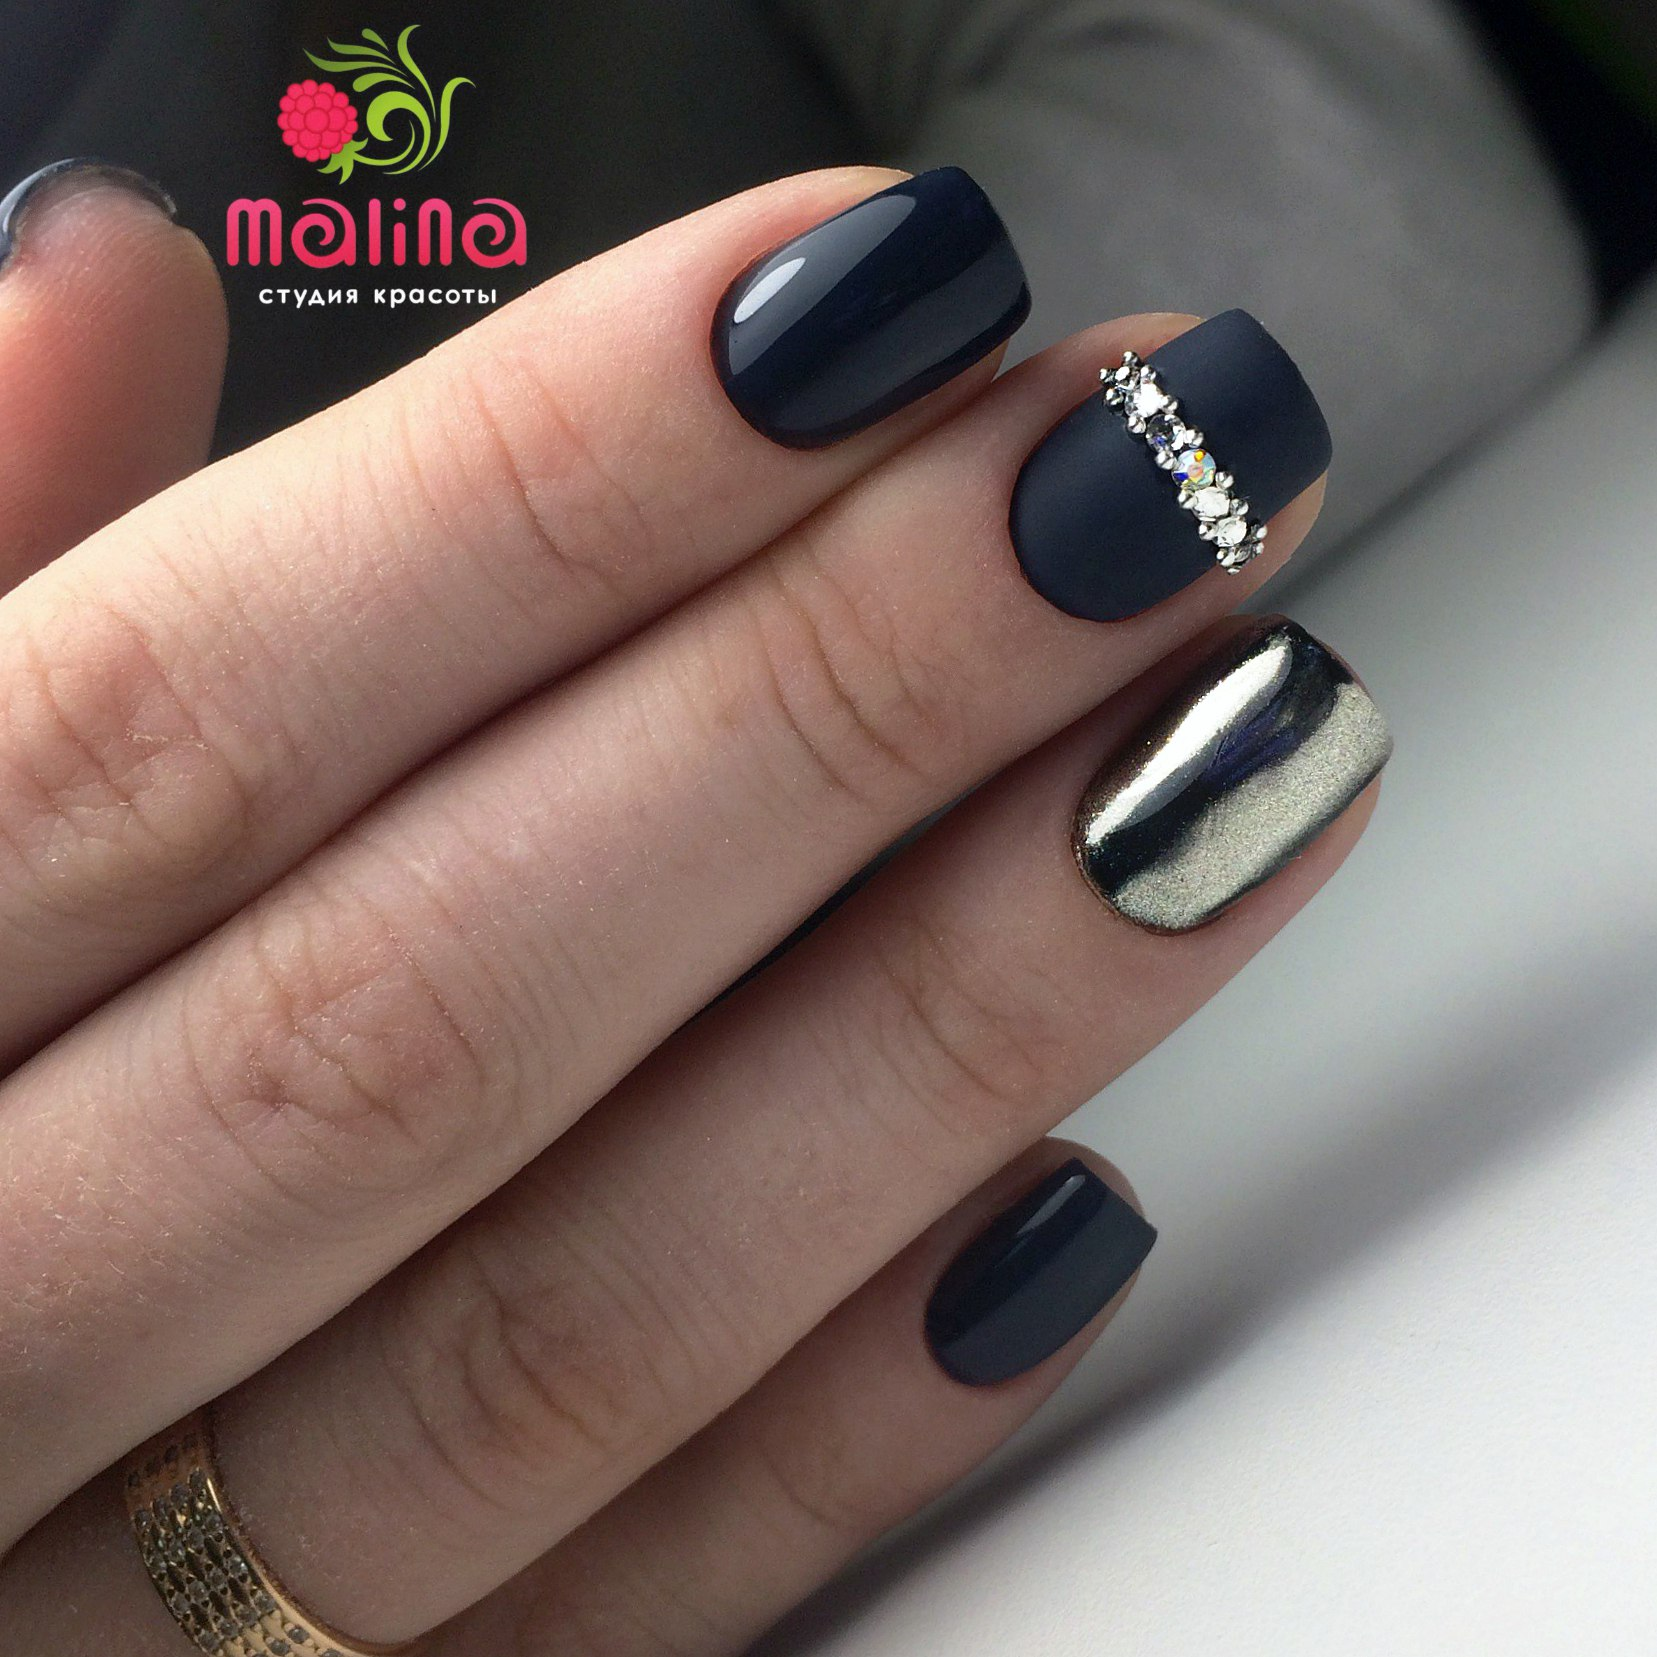 Дизайн ногтей с втиркой фото и матовый